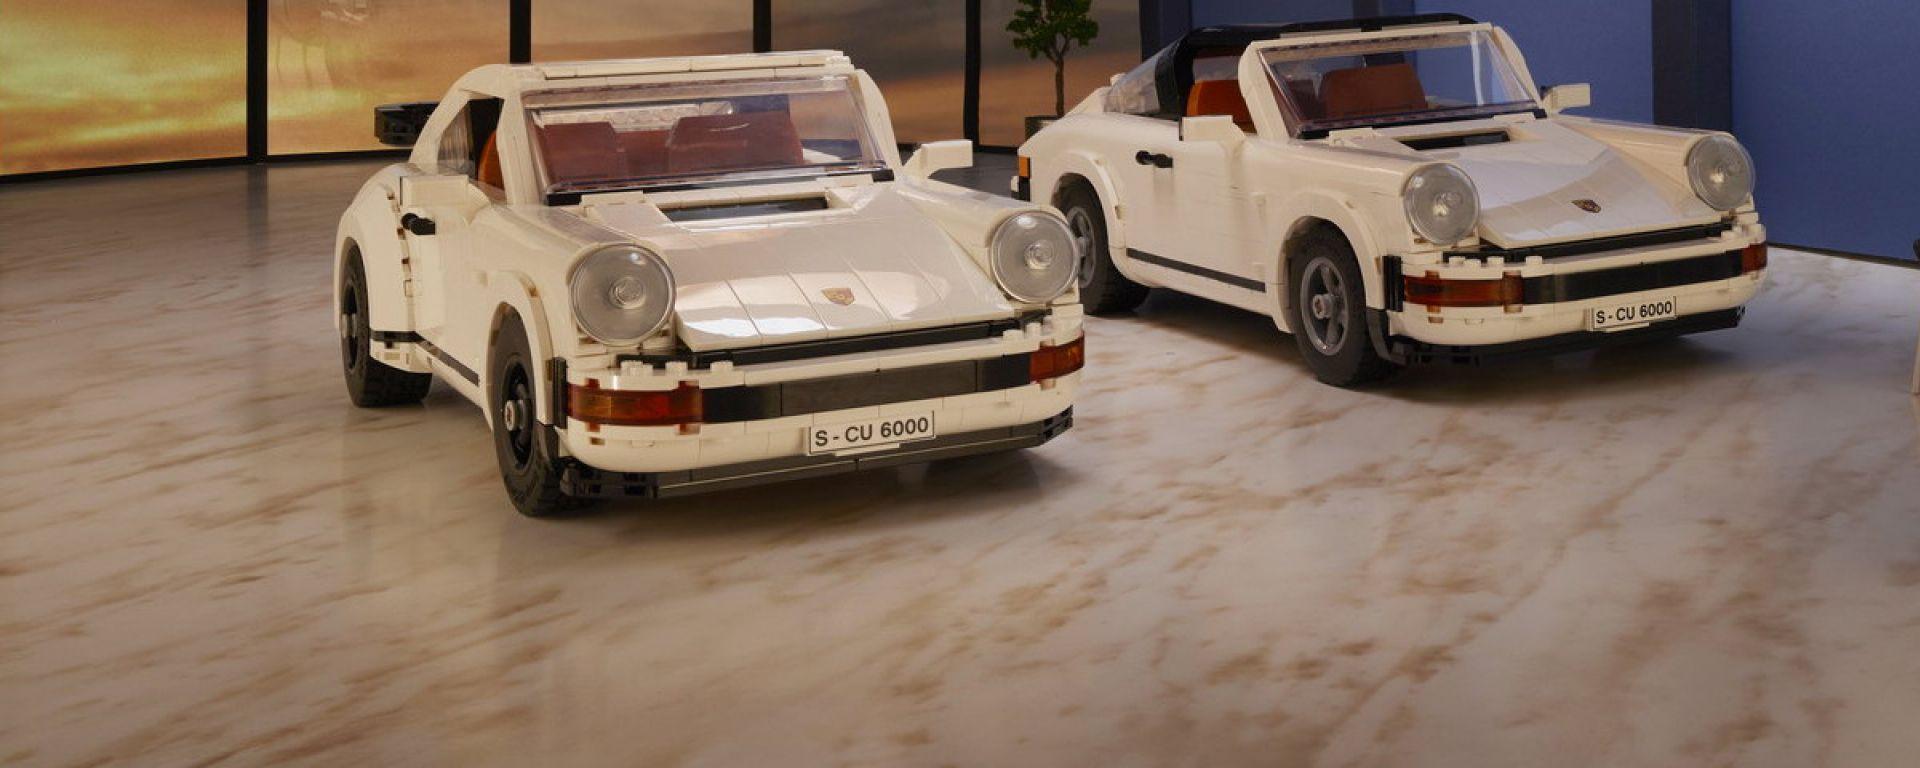 Porsche 911 Turbo e 911 Targa by Lego